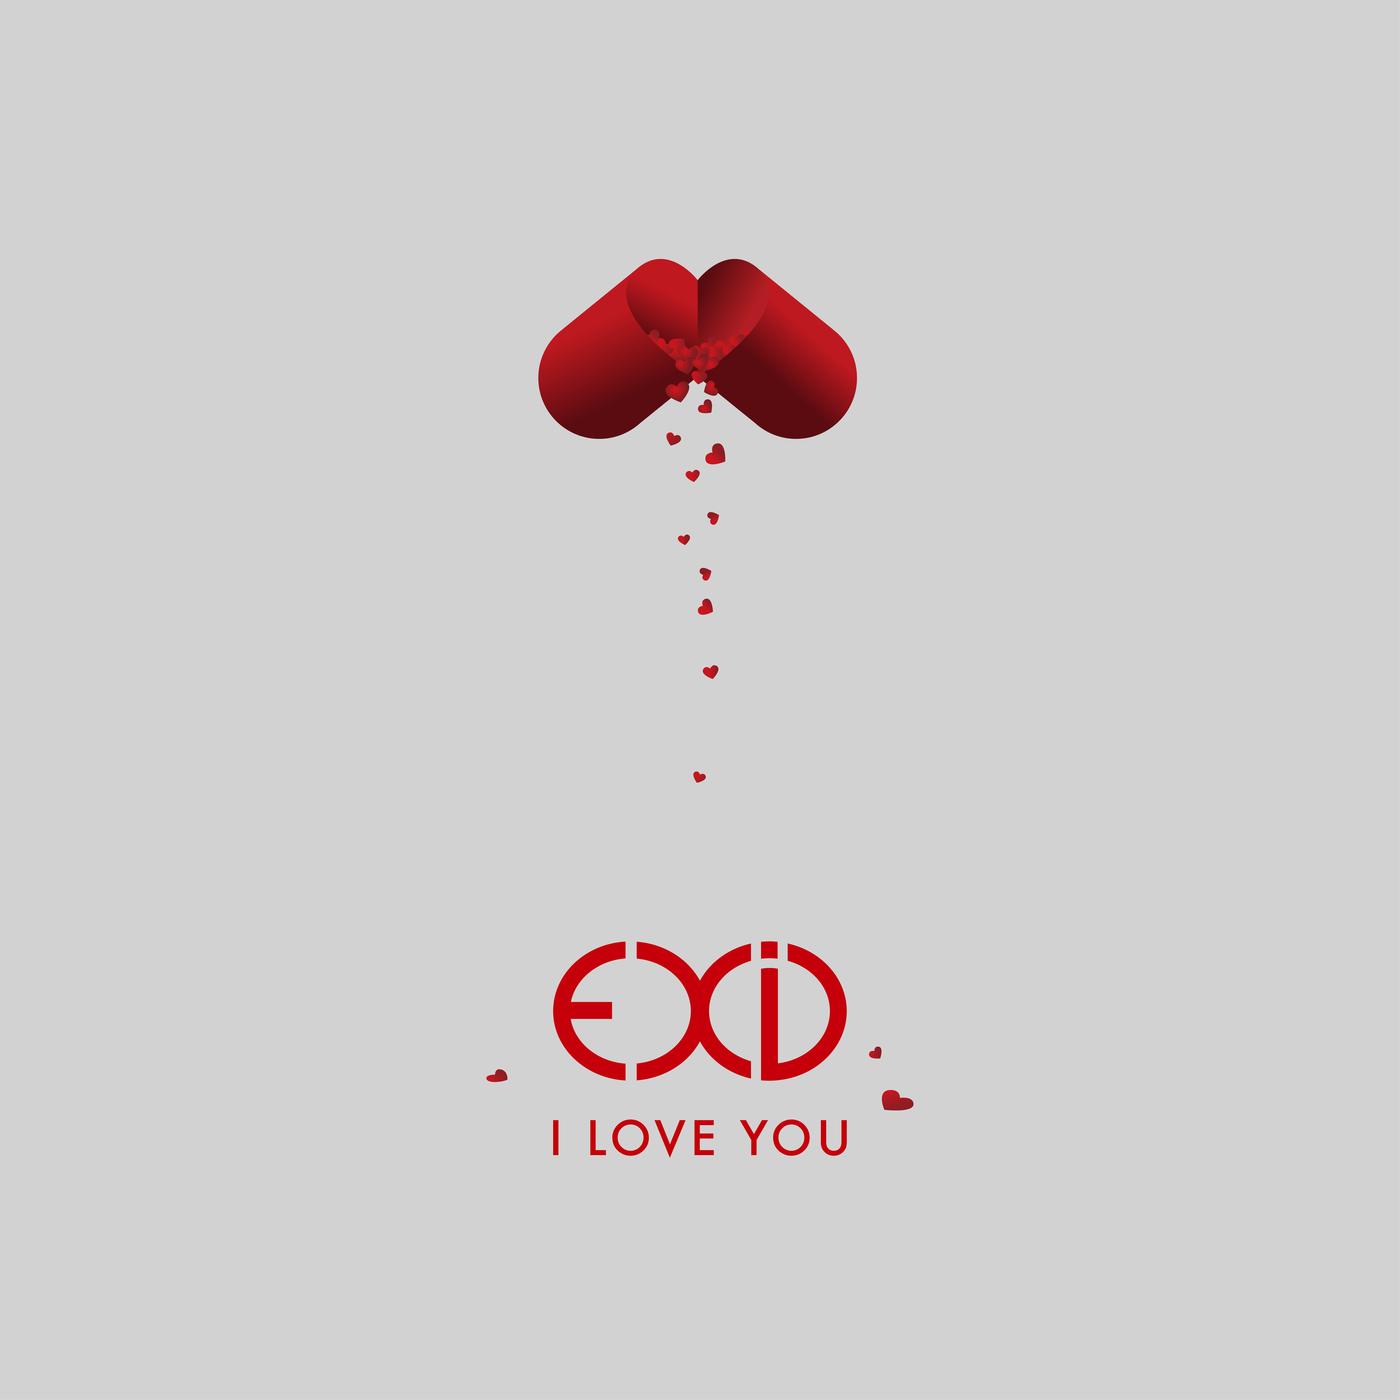 I Love You (EXID)